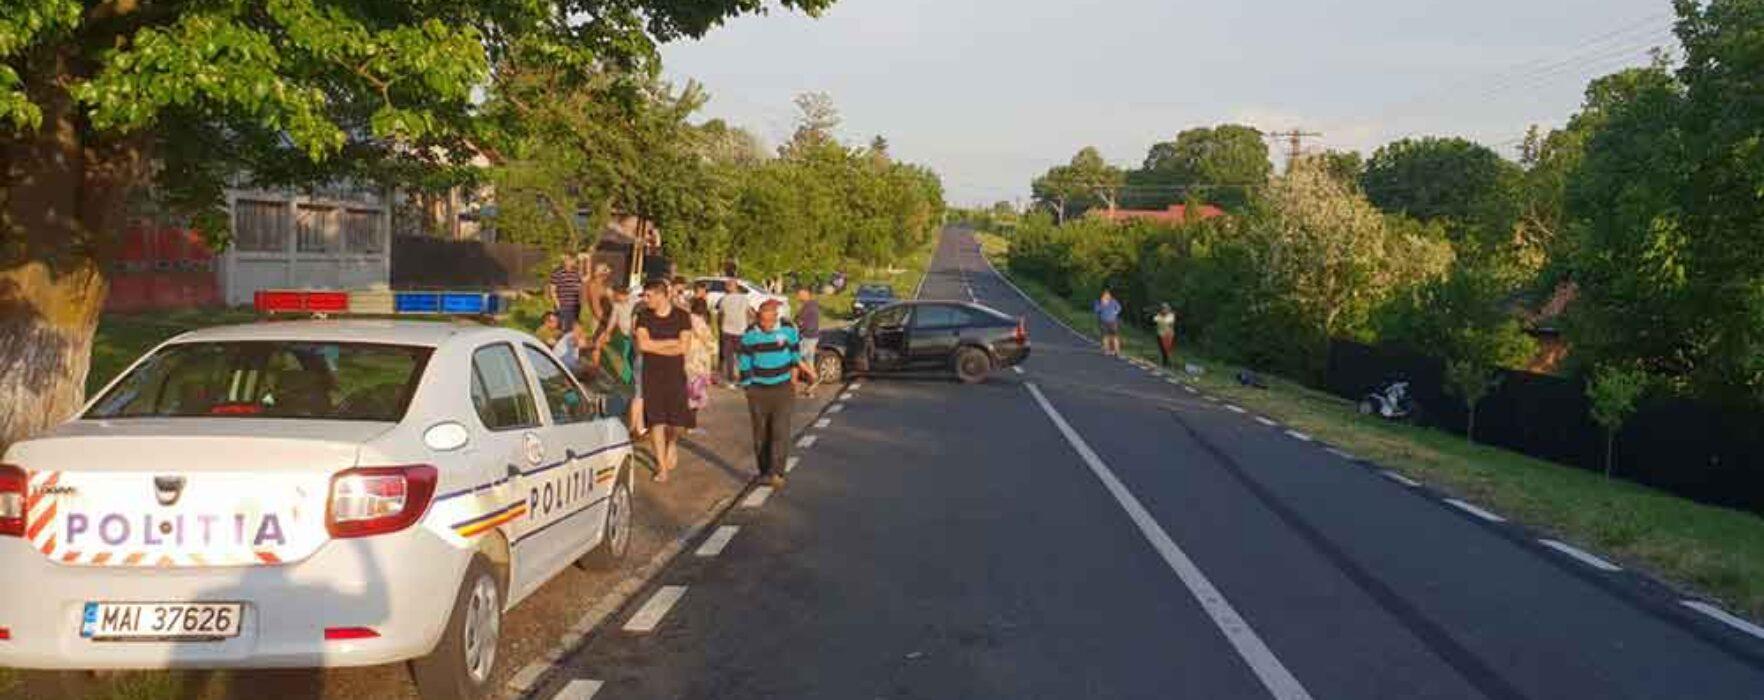 Dâmboviţa: O femeie în cărucior electric, care mergea pe marginea drumului, a fost lovită de o maşină